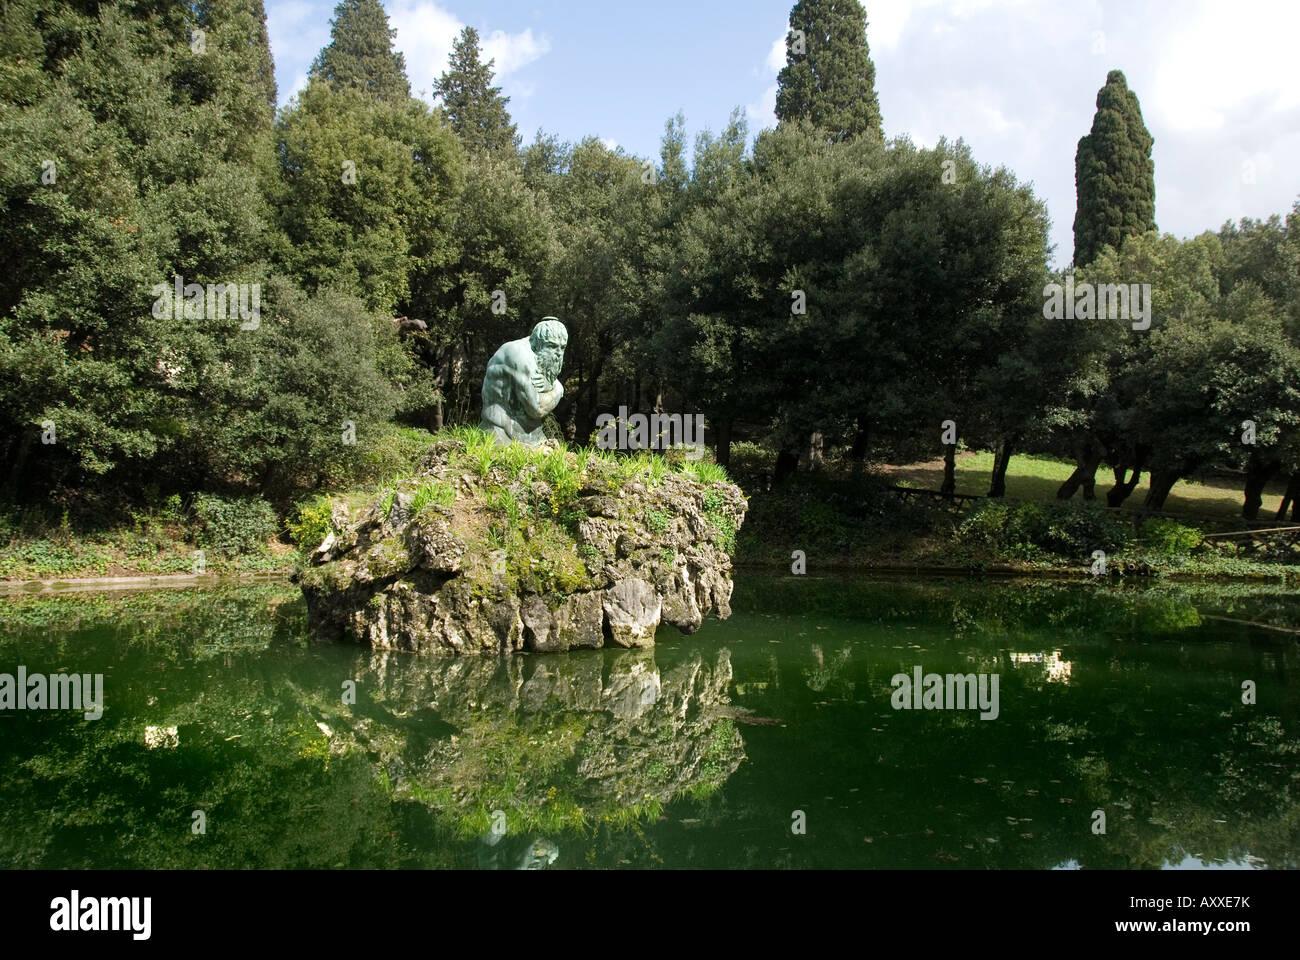 Statua di gennaio o in inverno (inverno) da Ammanati nel giardino superiore della Villa Medicea di Castello,Toscana Immagini Stock